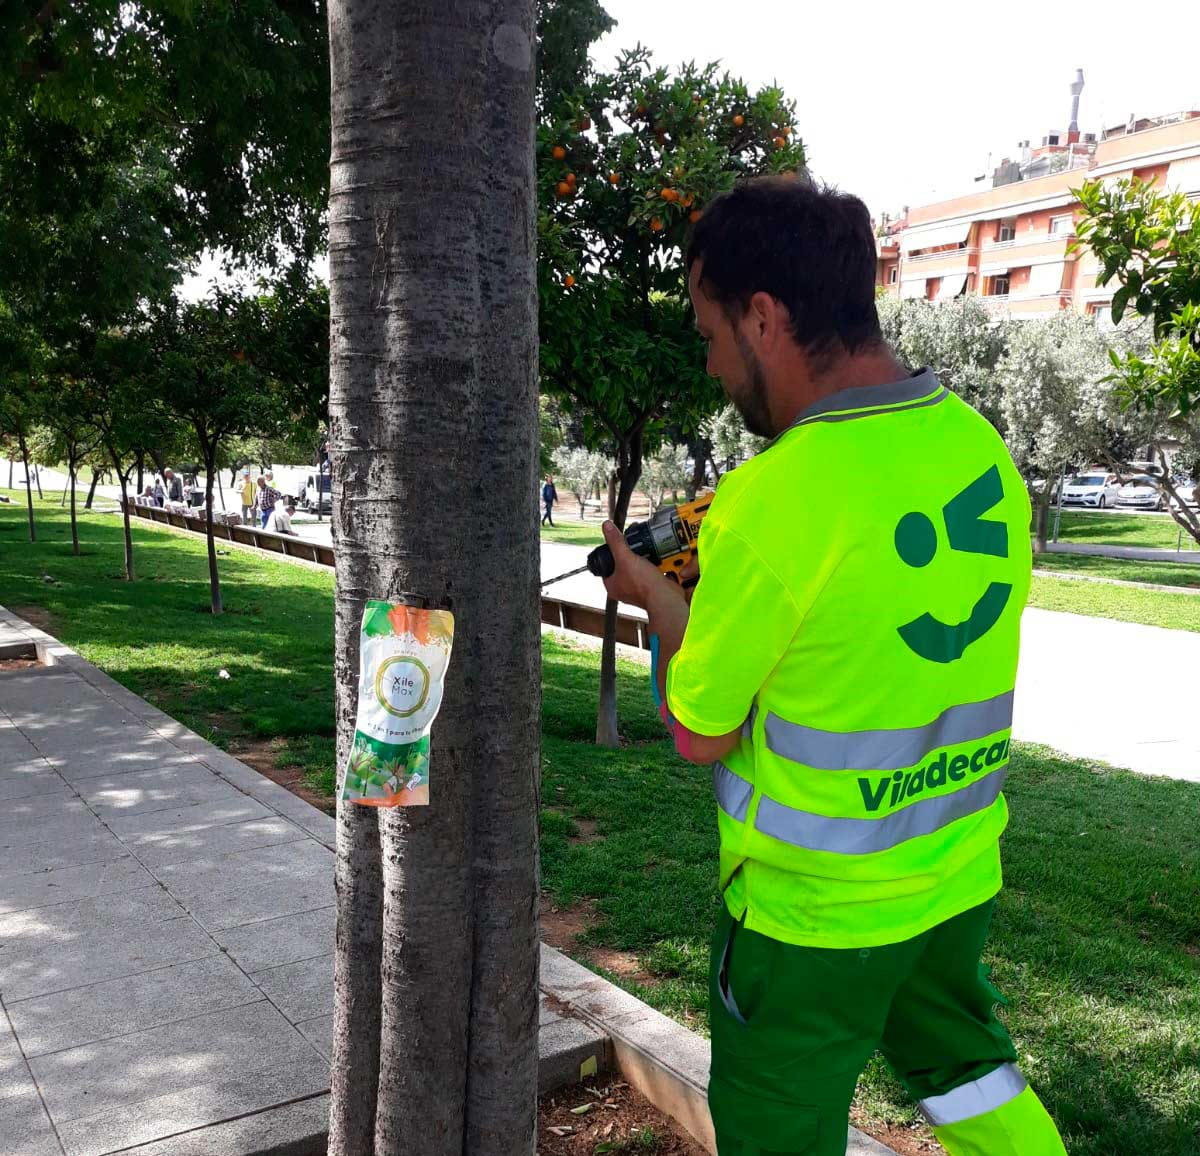 El Ayuntamiento de Viladecans trata sus árboles con problemas nutricionales